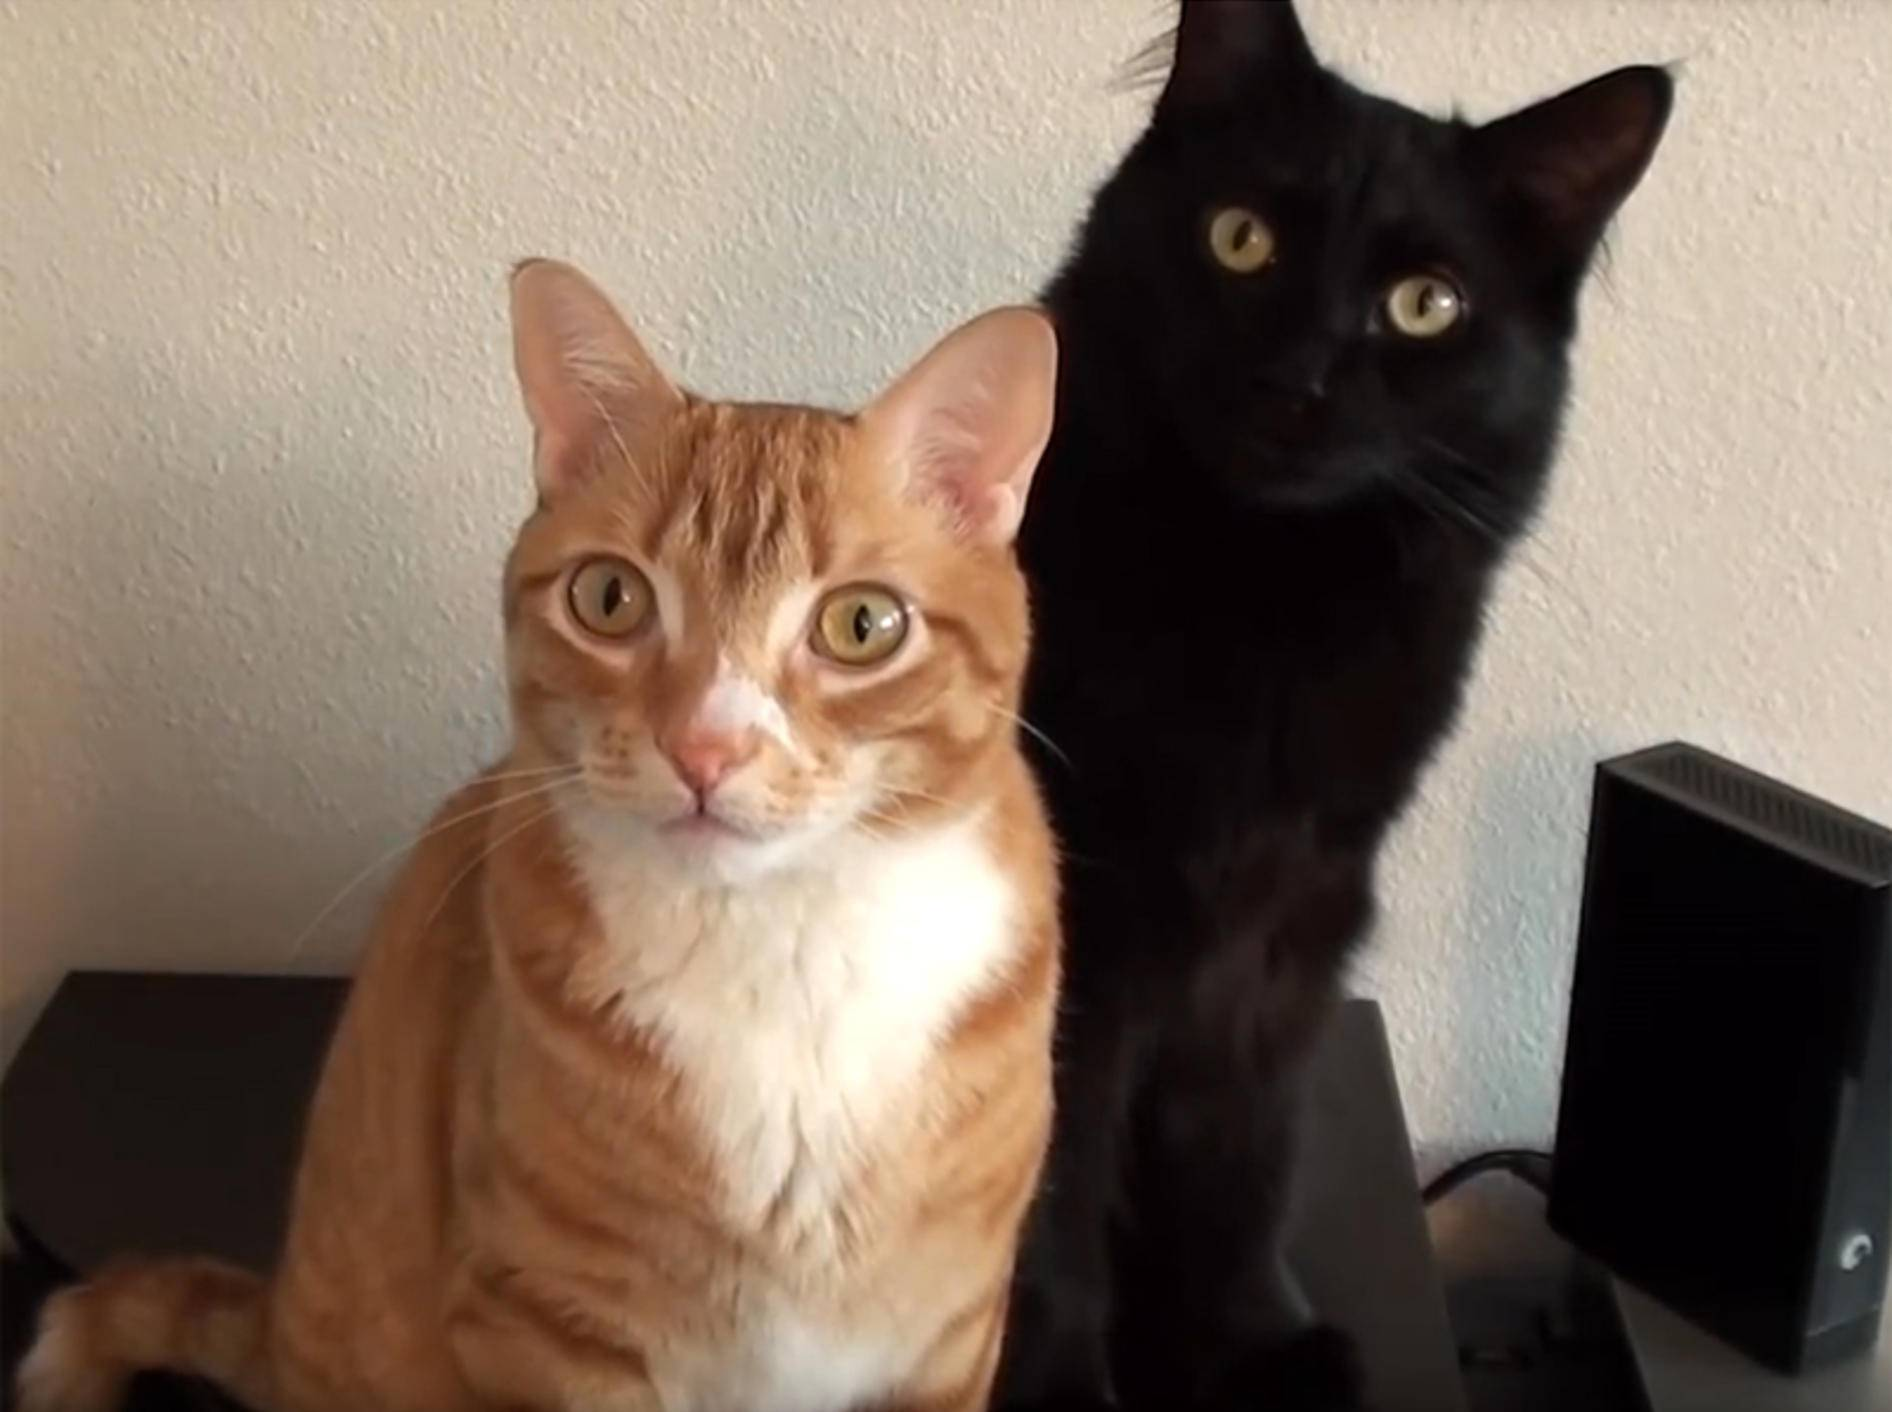 Cole und Marmalade lauschen andächtig der Katzenmusik aus dem Lautsprecher – YouTube / Cole and Marmalade